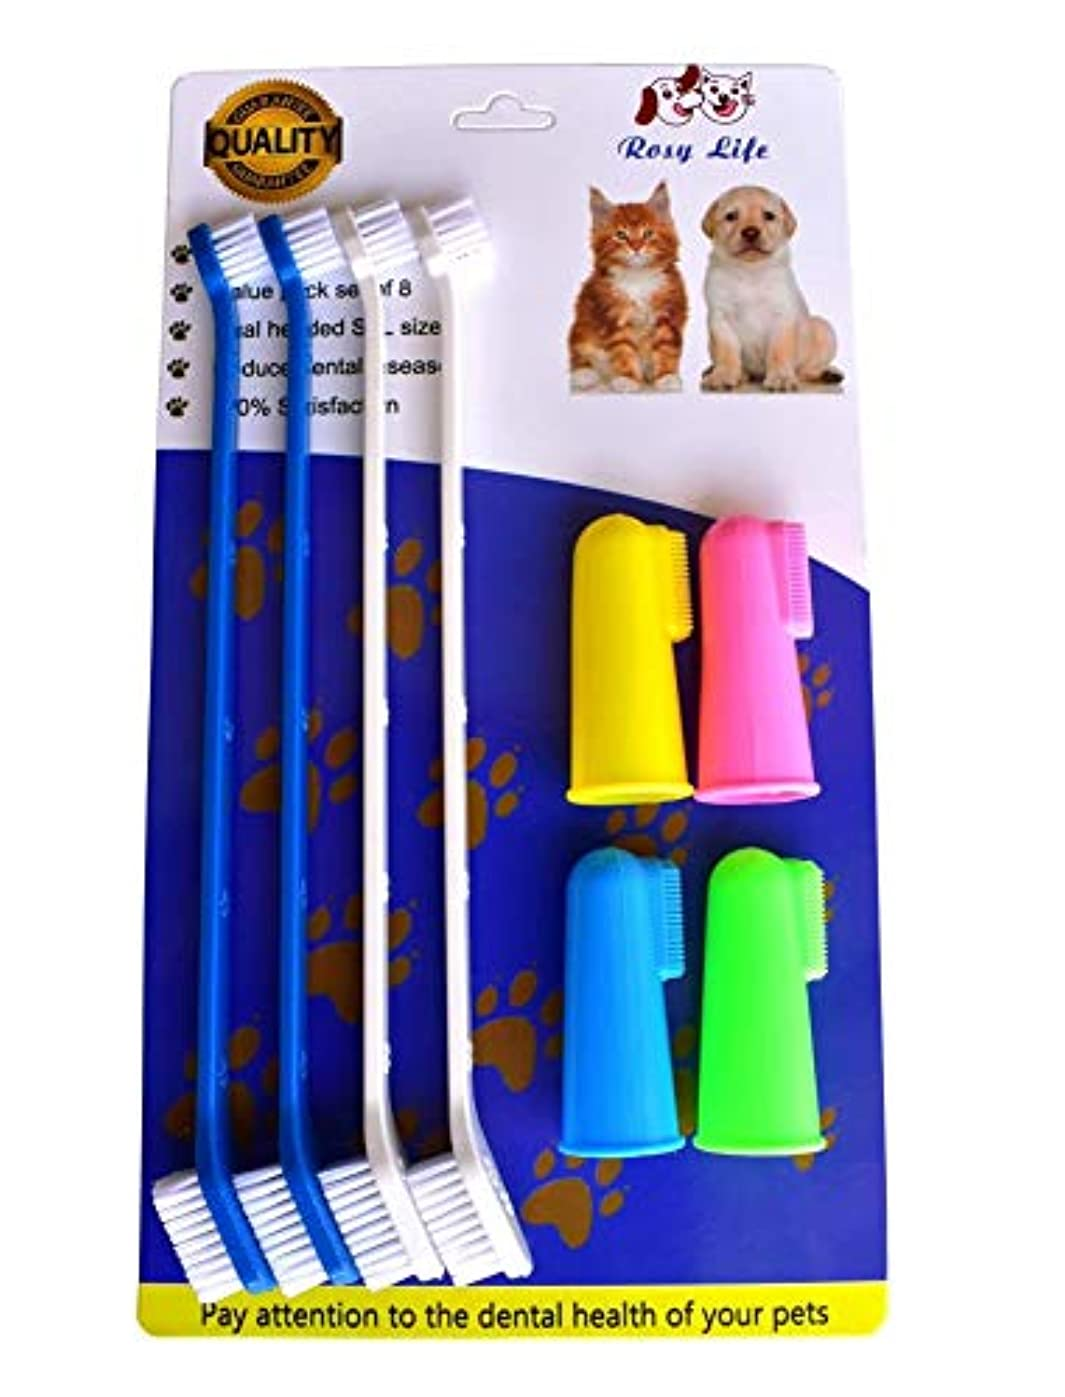 勝利した禁止する消費者RosyLife 大型犬 小さなペット 犬柔らかい歯ブラシ犬用歯ブラシ指歯ブラシ ペット 歯ブラシ 4中性サイズ+ 4頭歯ブラシ